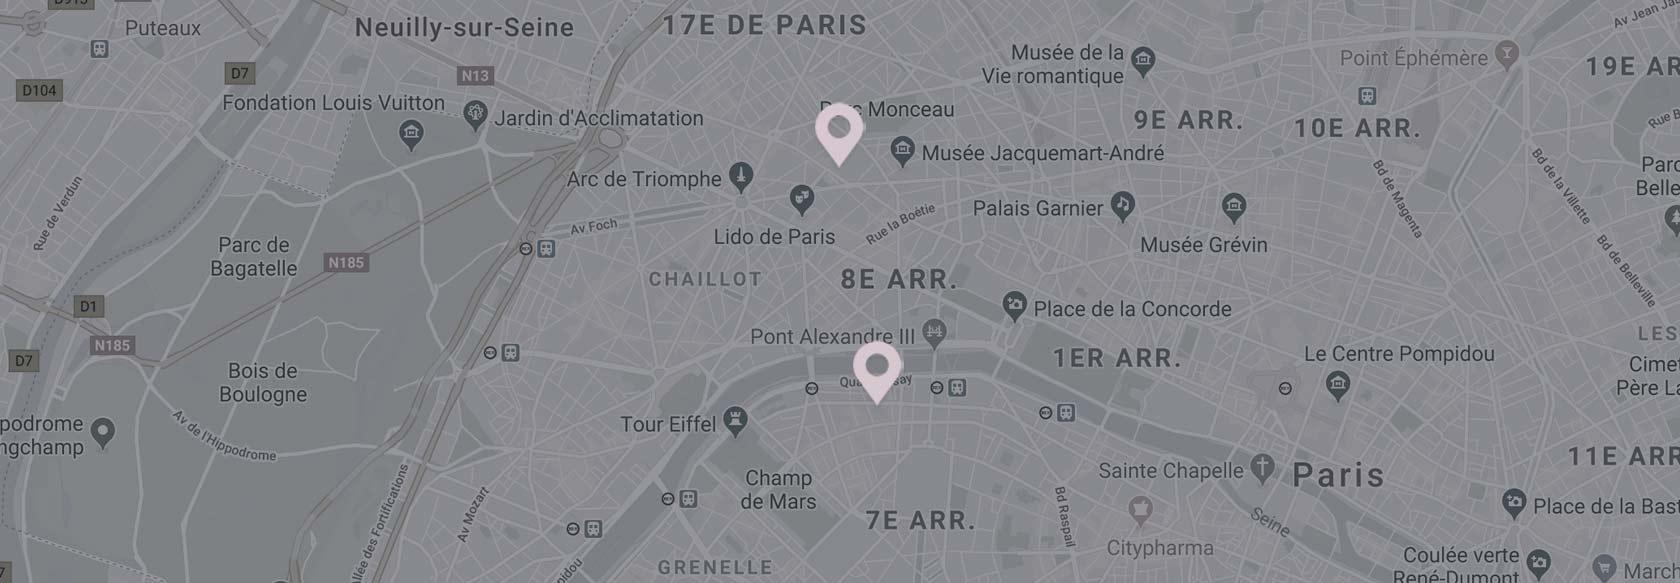 map-presbytie-lasik-catherine-albou-ganem